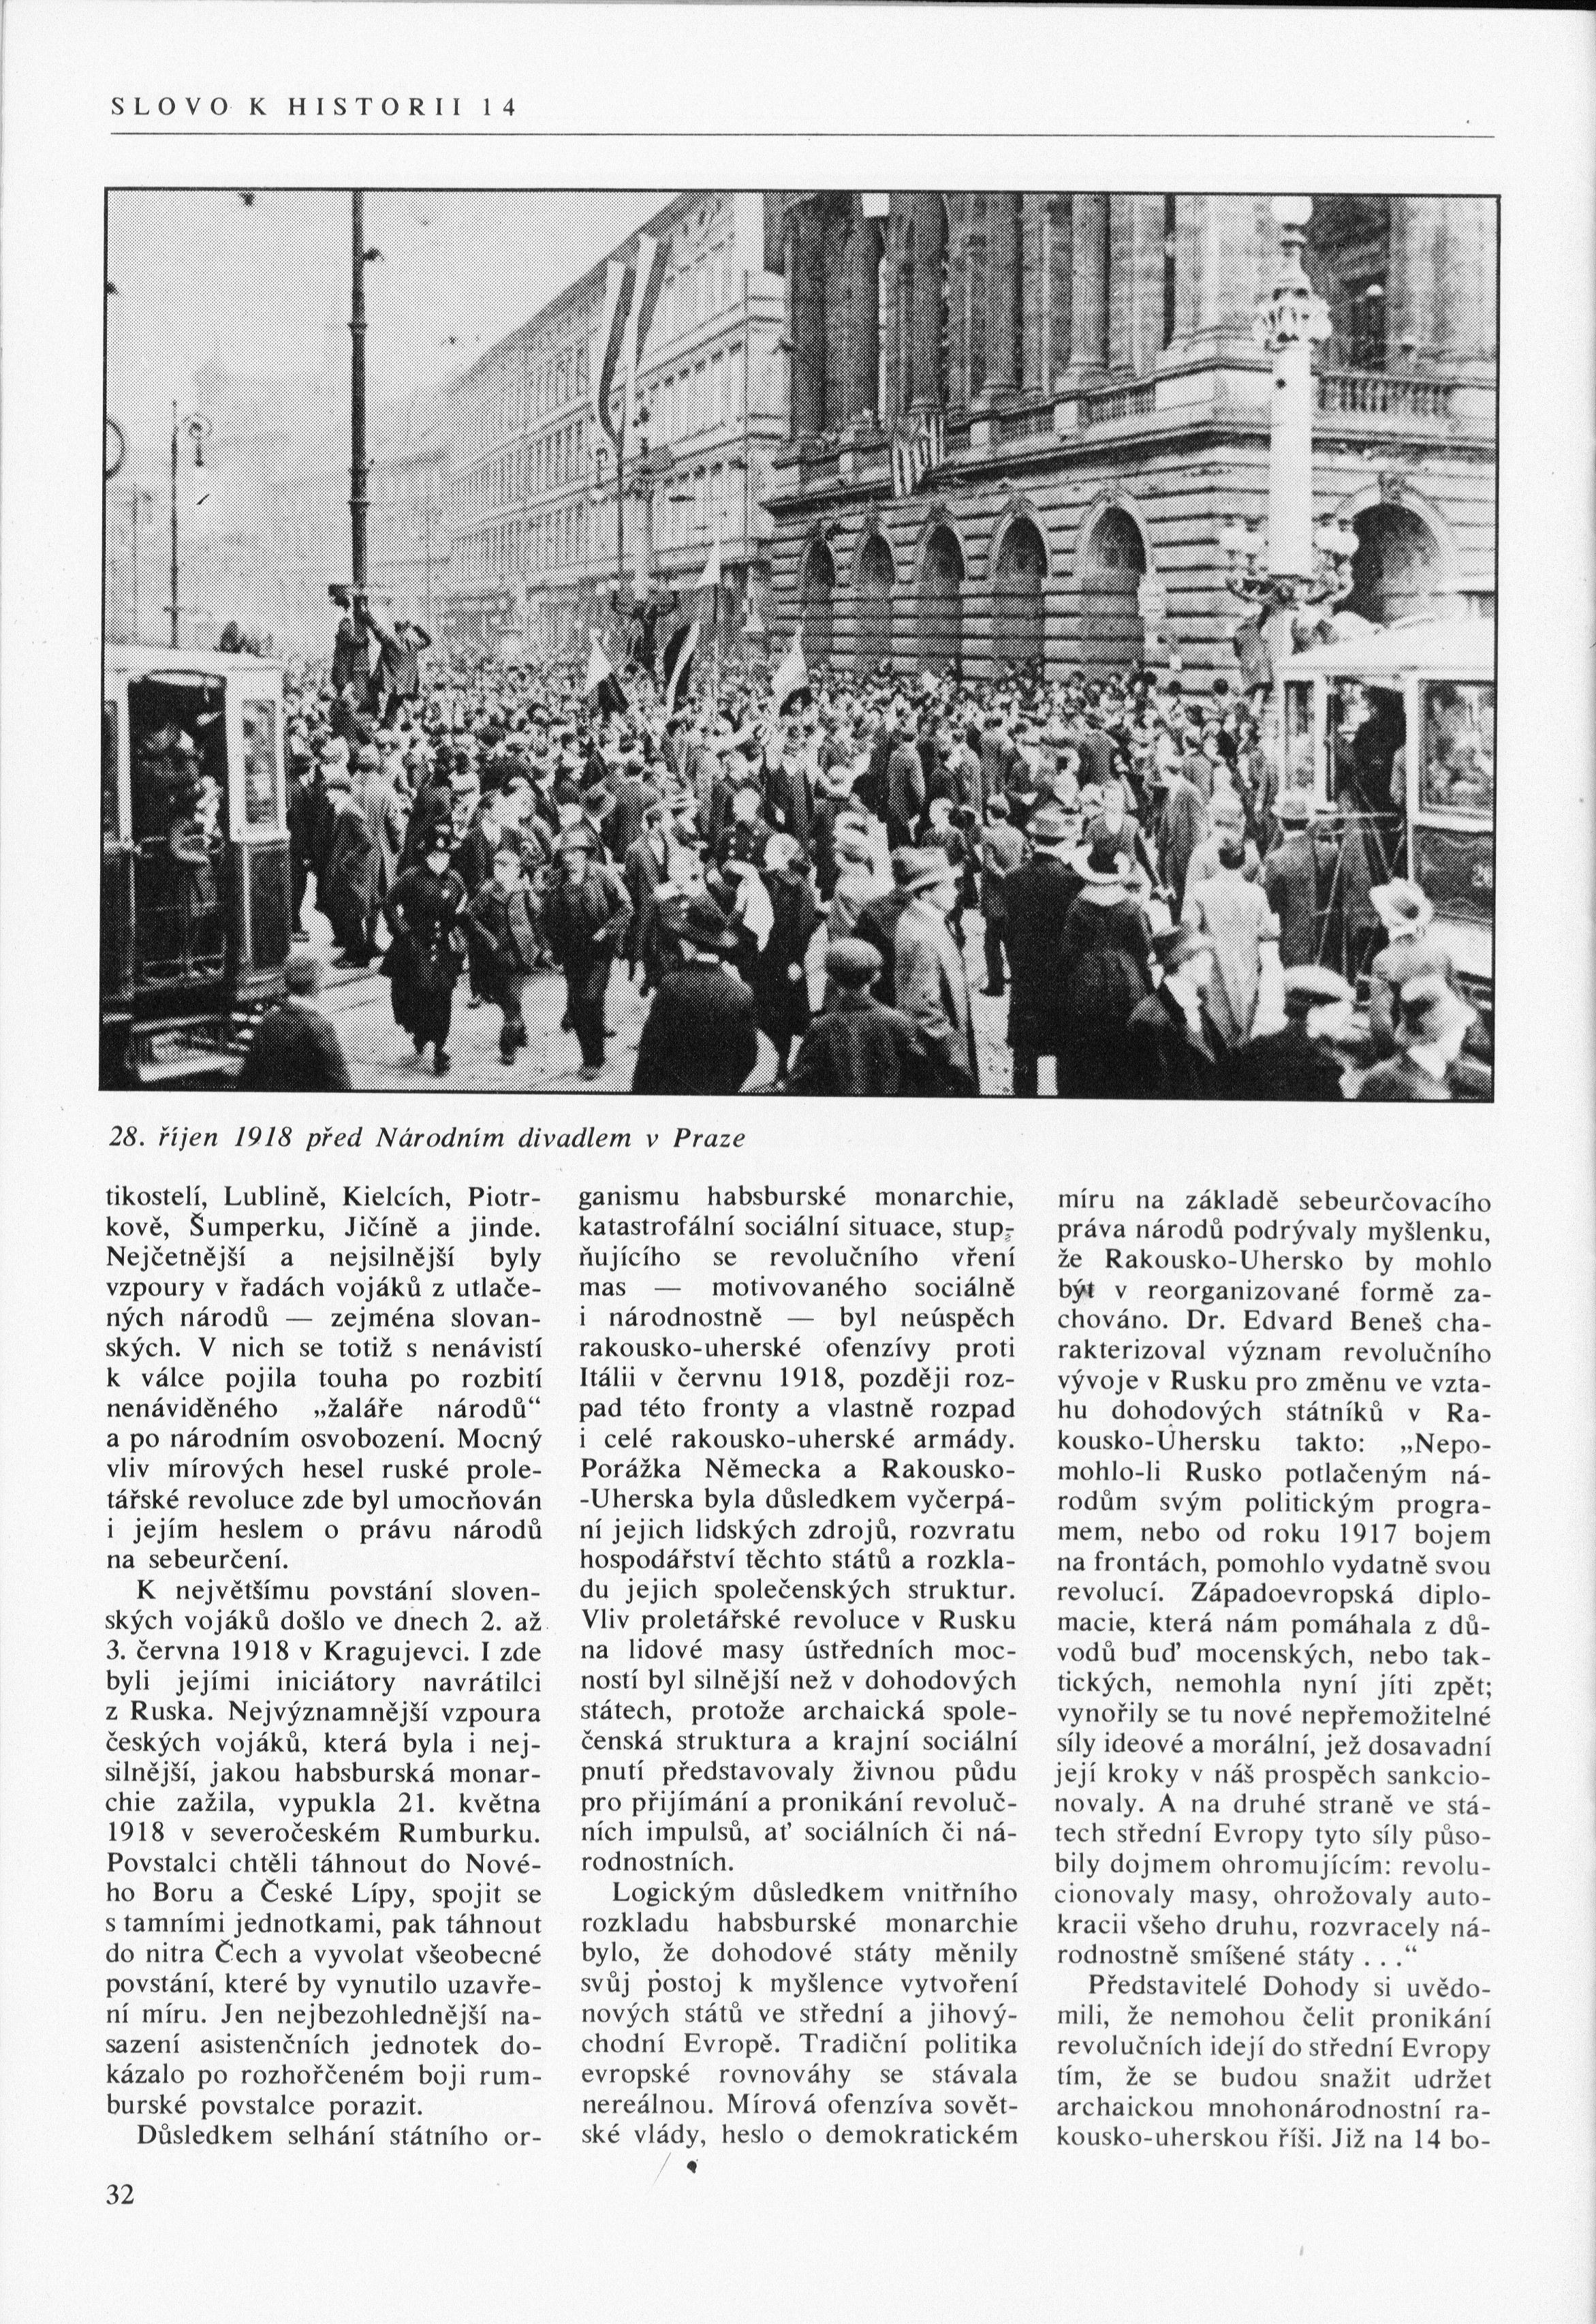 1918_SlovoKHistorii14_3